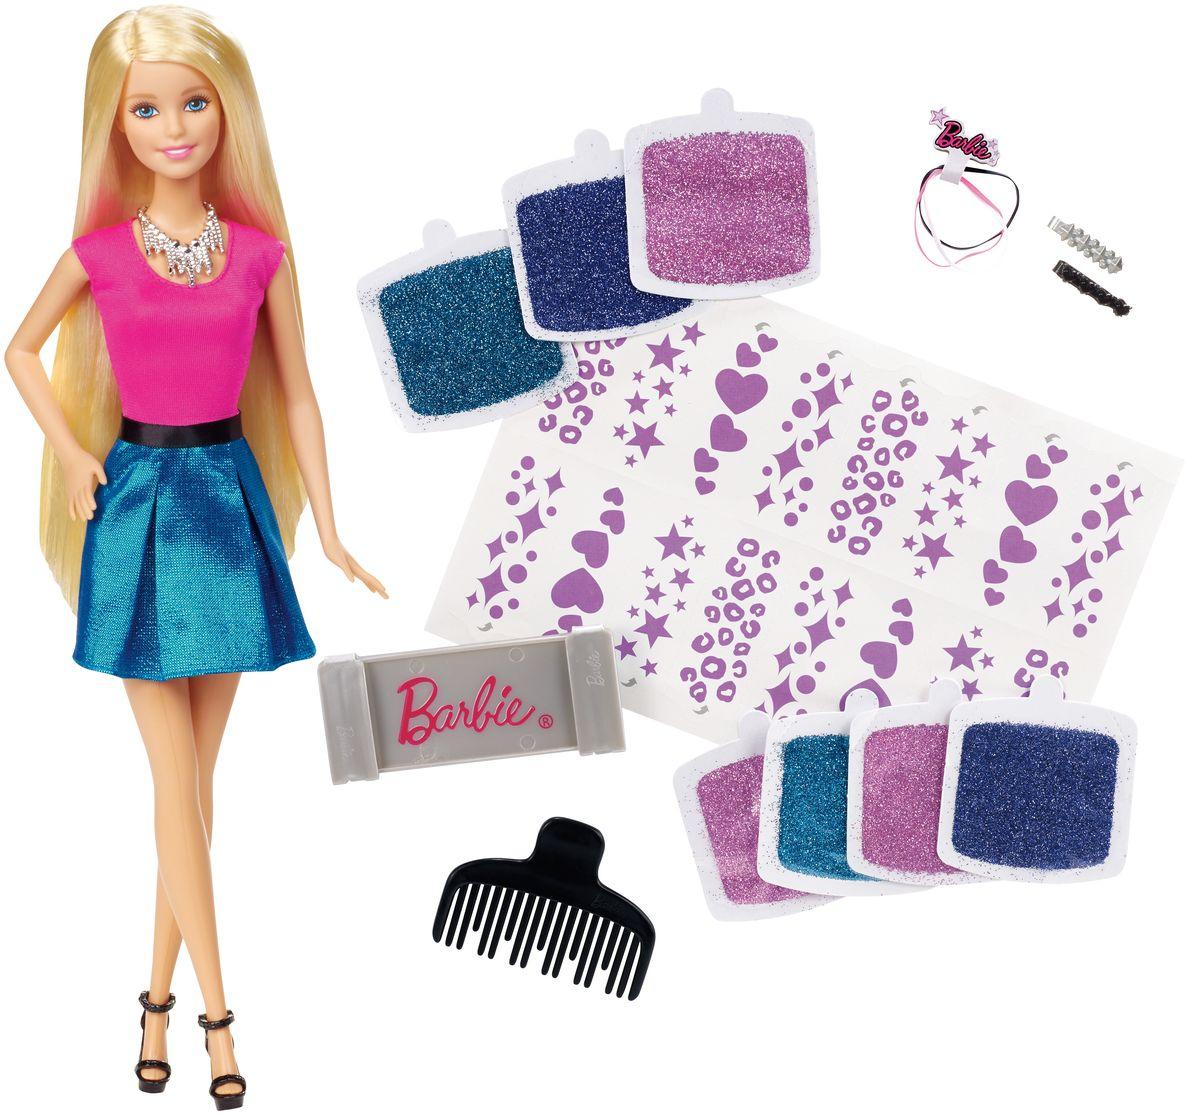 Barbie Игровой набор с куклой Блестящие волосыCLG18Игровой набор Barbie Блестящие волосы откроет перед вашей малышкой невероятные возможности и поможет ей почувствовать себя настоящим стилистом. В комплекте: кукла Барби, расческа, 3 резиночки, 2 заколки, 16 шаблонов и 7 пакетиков блесток розового, фиолетового и бирюзового цветов. С таким набором ваша дочурка сможет украсить волосы своей куклы уникальными сверкающими дизайнами. Достаточно нанести на волосы куклы узор с одного из клейких листов, а затем добавить блестки. Различные цвета блесток можно смешивать, создавая оригинальные переходы и градиенты. А входящие в набор заколки и резиночки помогут внести заключительный штрих в новый модный образ Барби! Игры с таким набором не только подарят девочке множество счастливых мгновений, но и помогут проявить свои творческие способности.